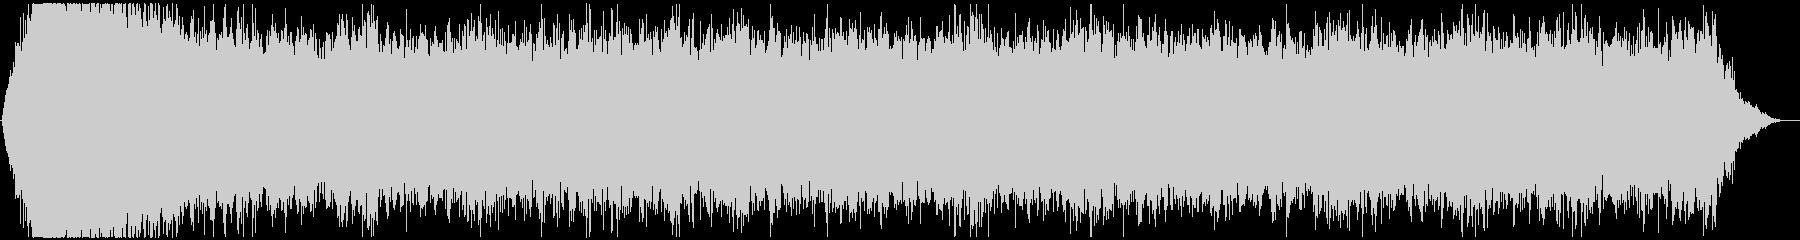 ドローン M ノイズ03の未再生の波形